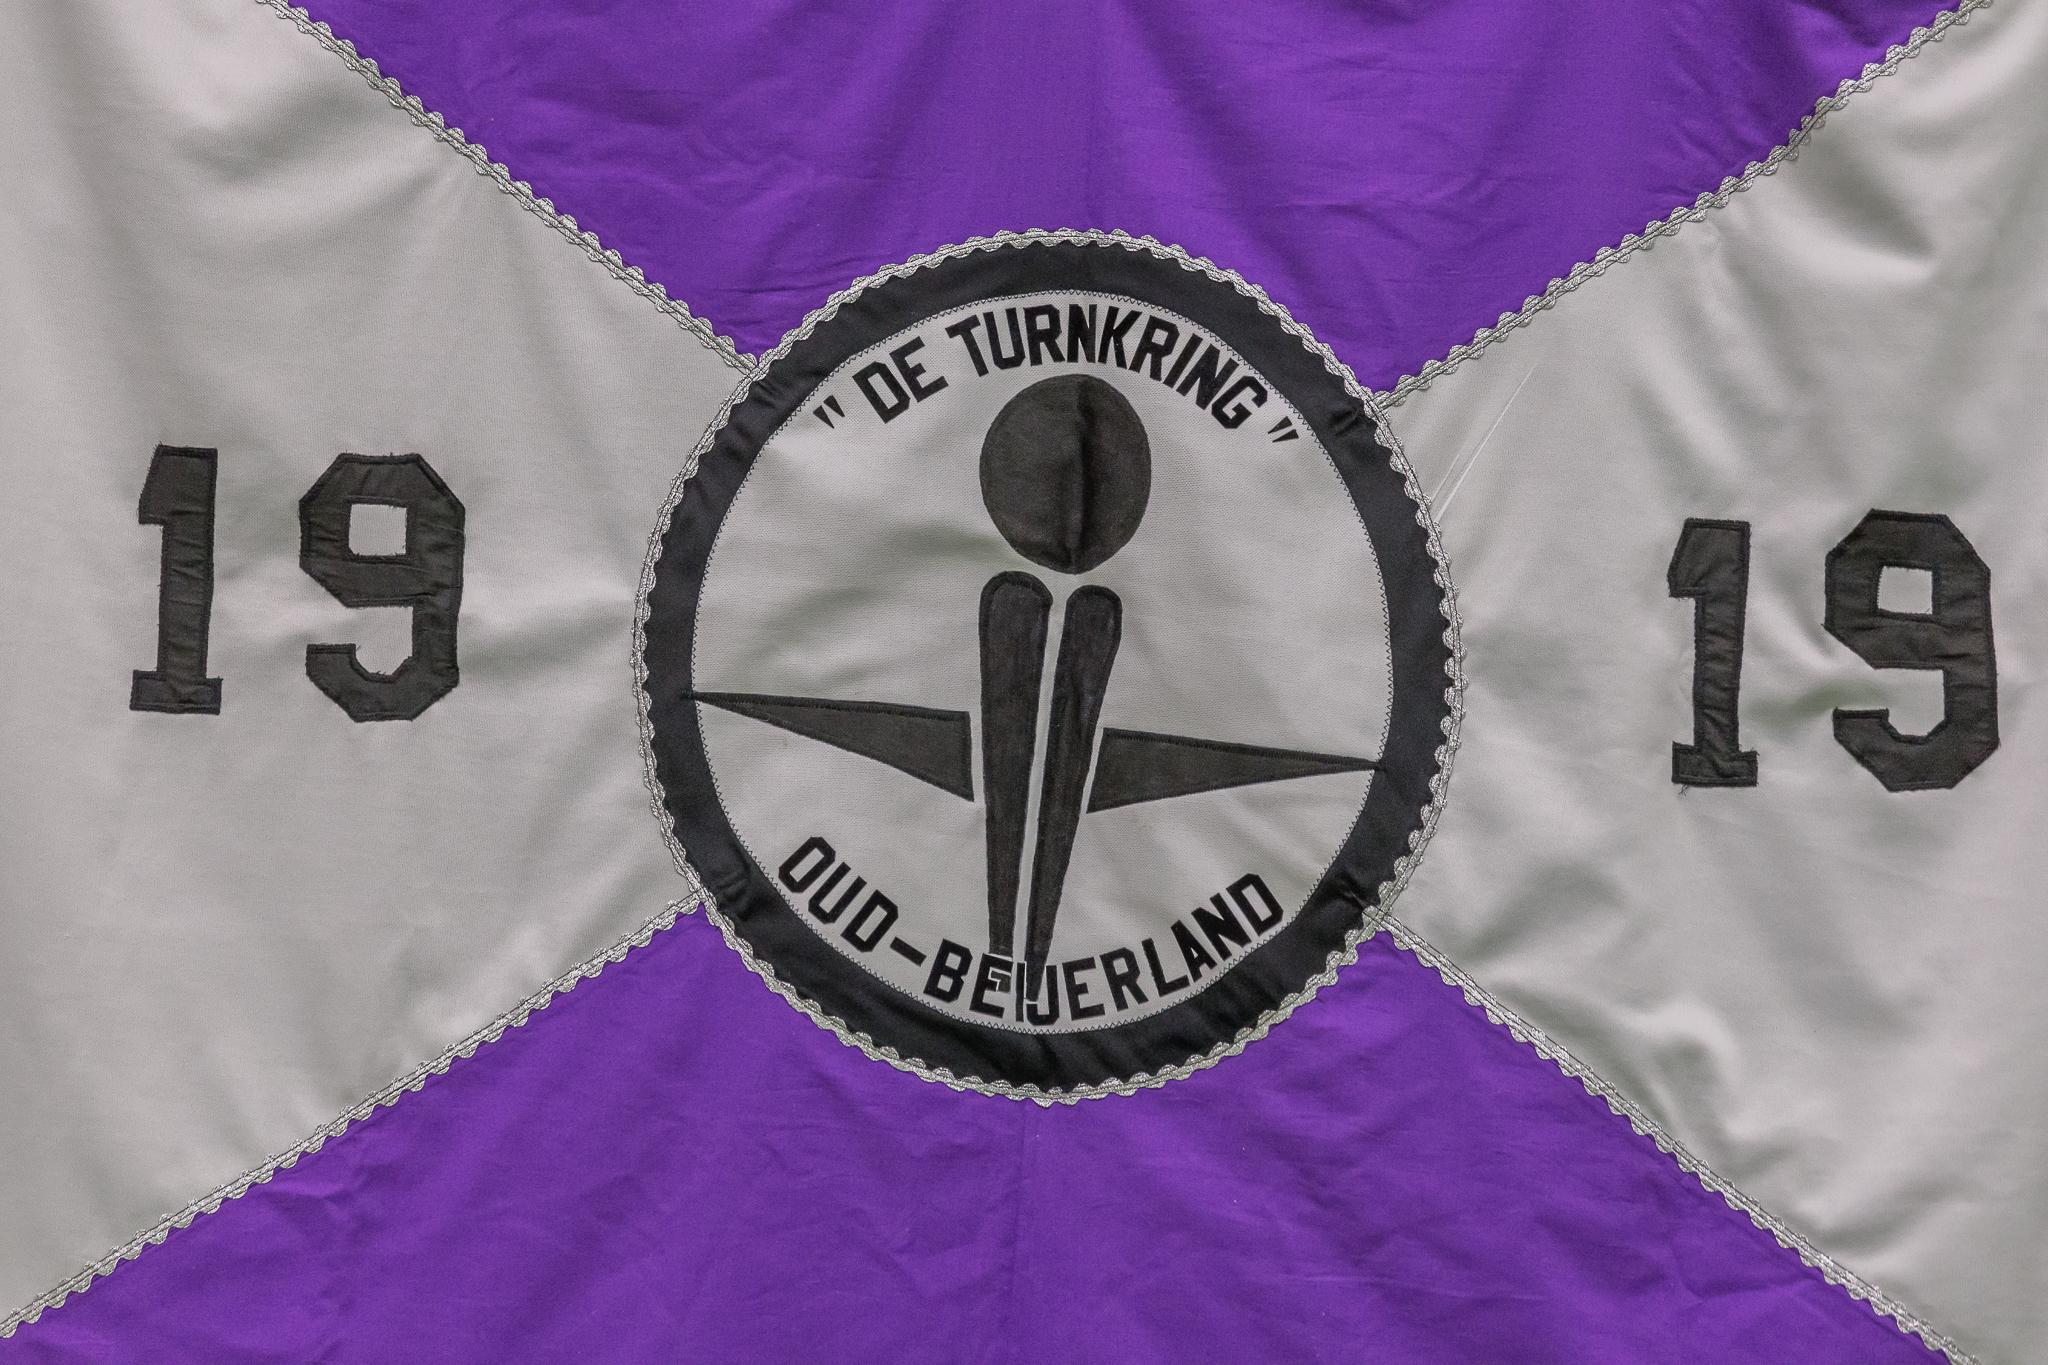 Turnkring-146